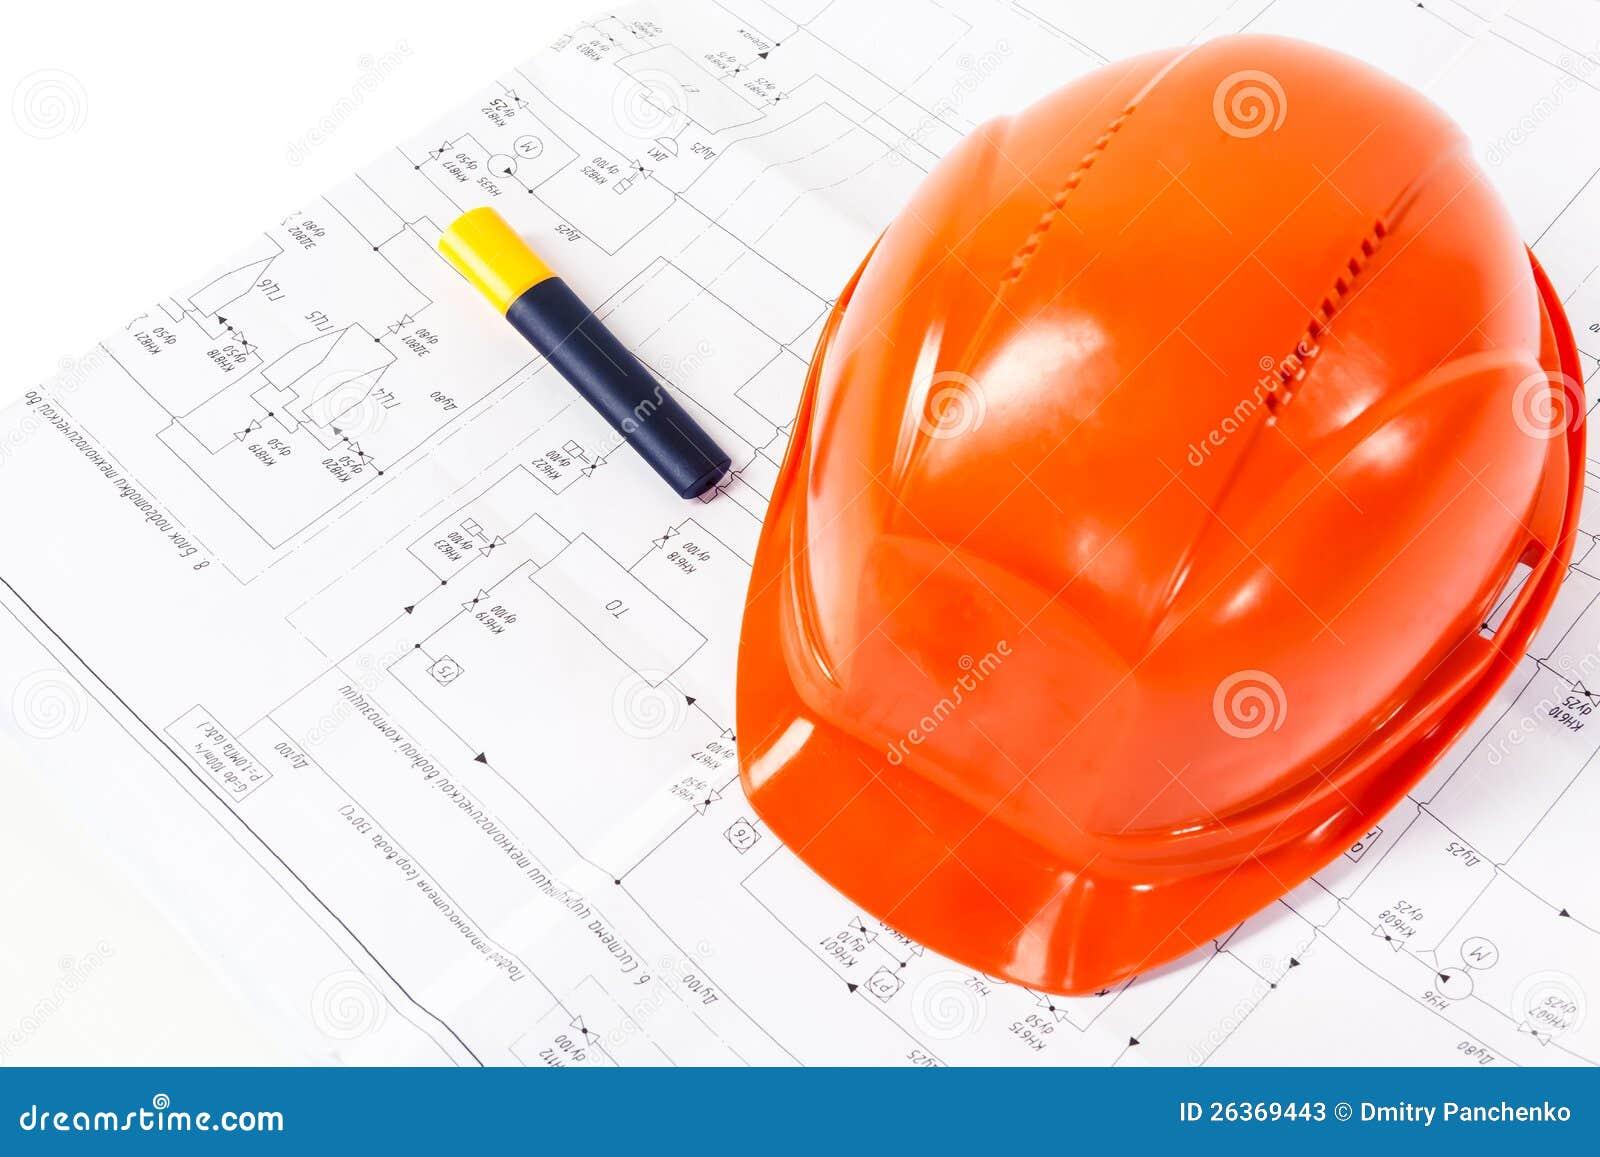 Architekturzeichnungen und orange Sturzhelm